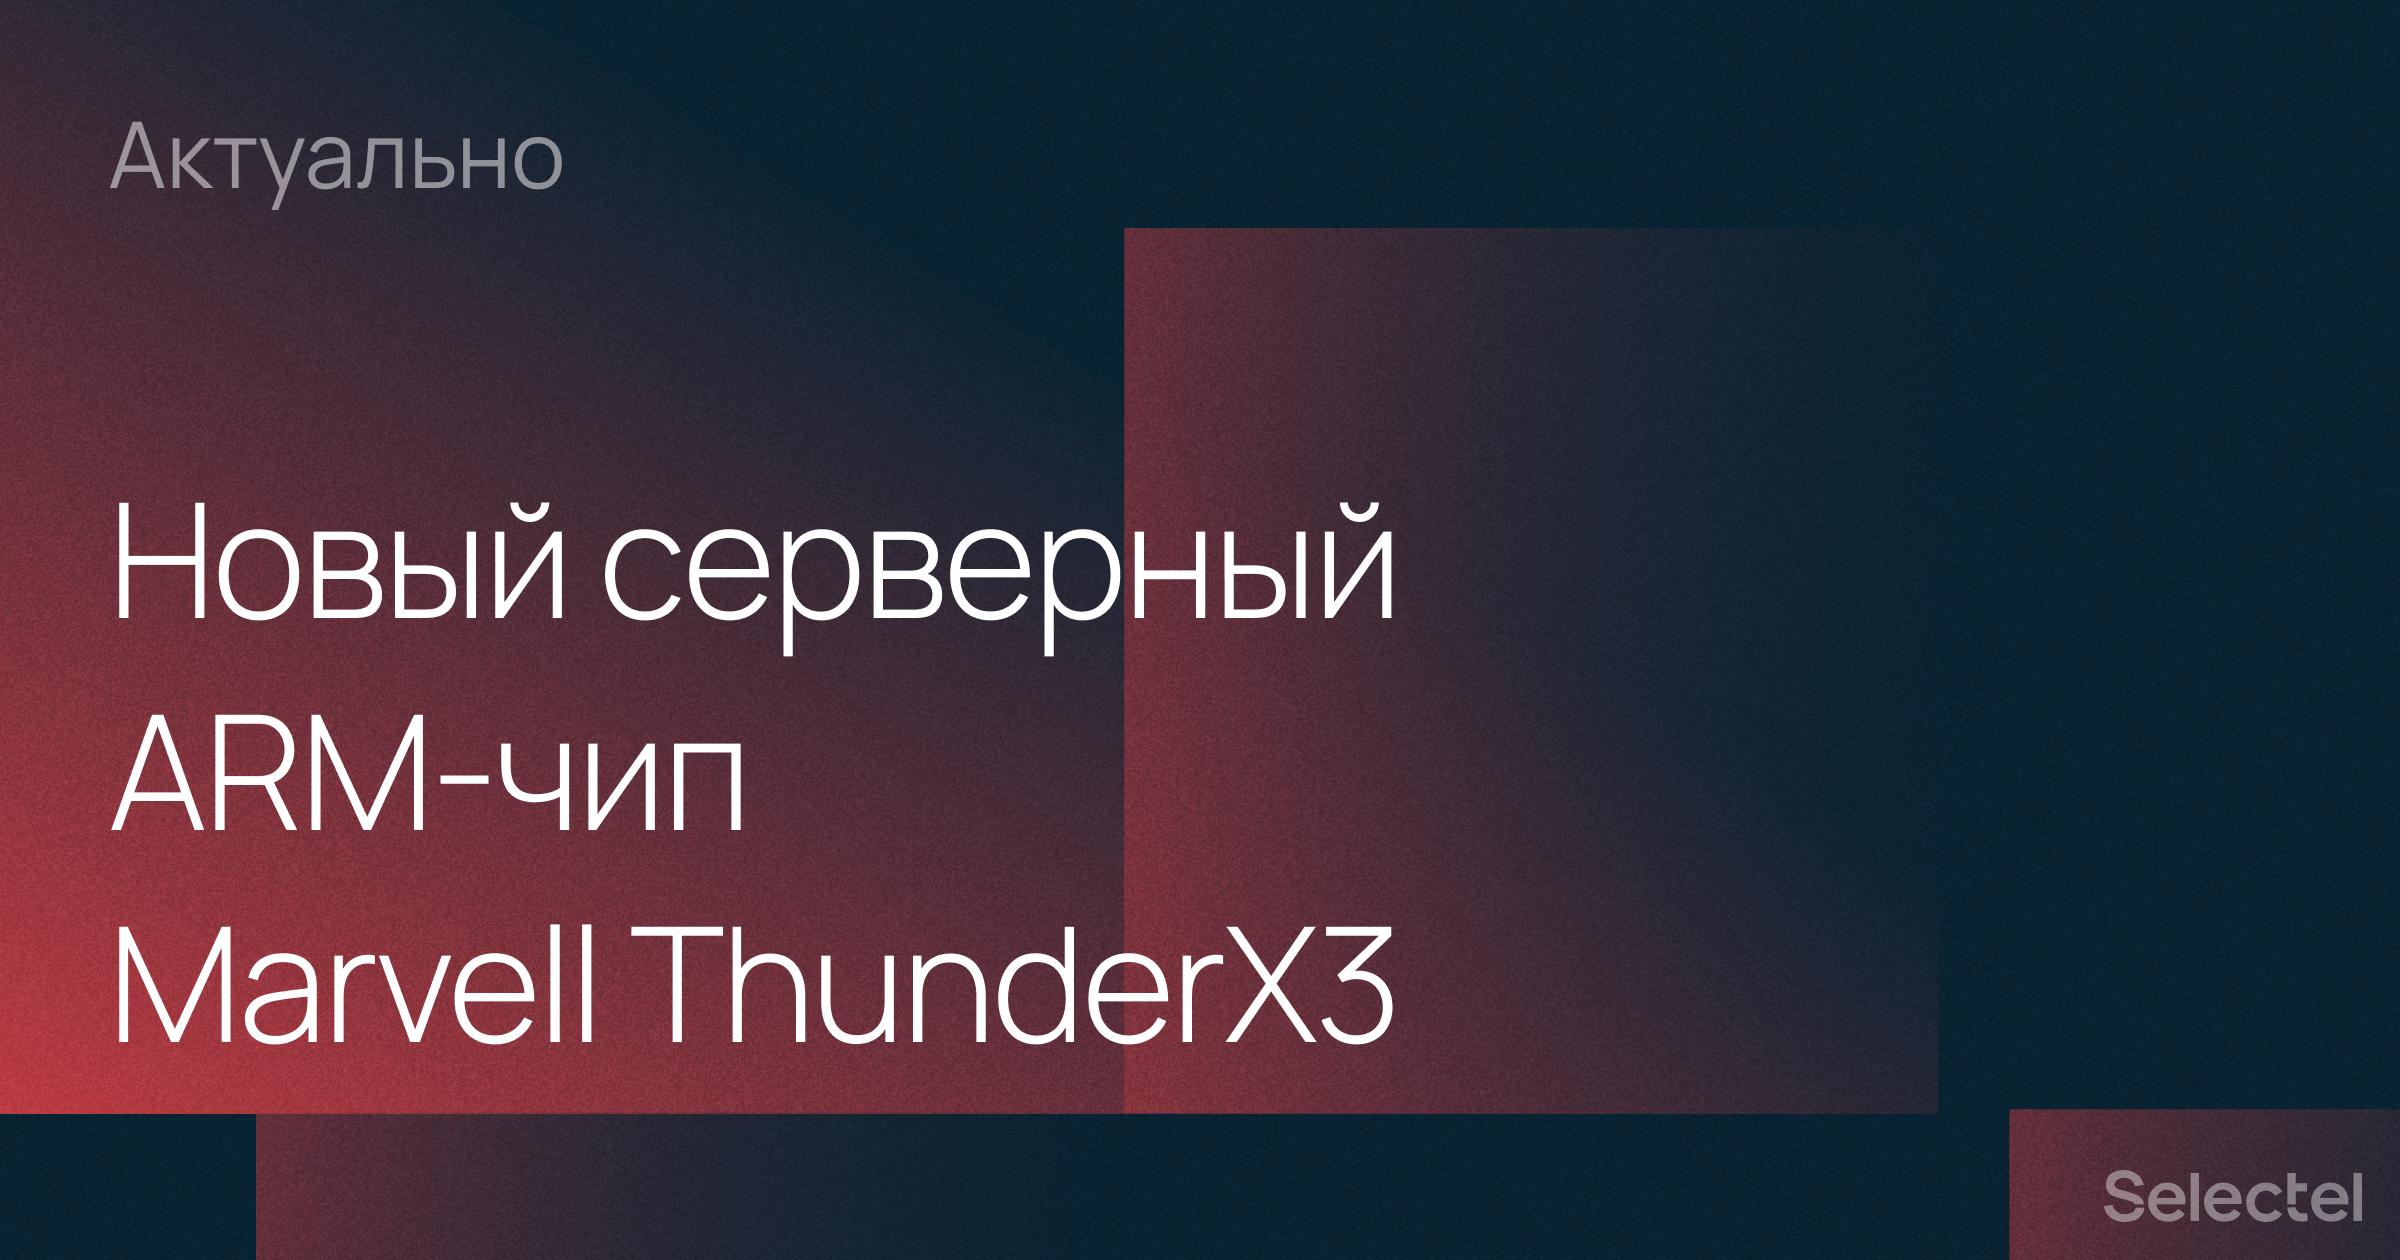 Горшочек, вари серверный ARM-чип Marvell ThunderX3 с 96 ядрами и SMT4 для 384 потоков